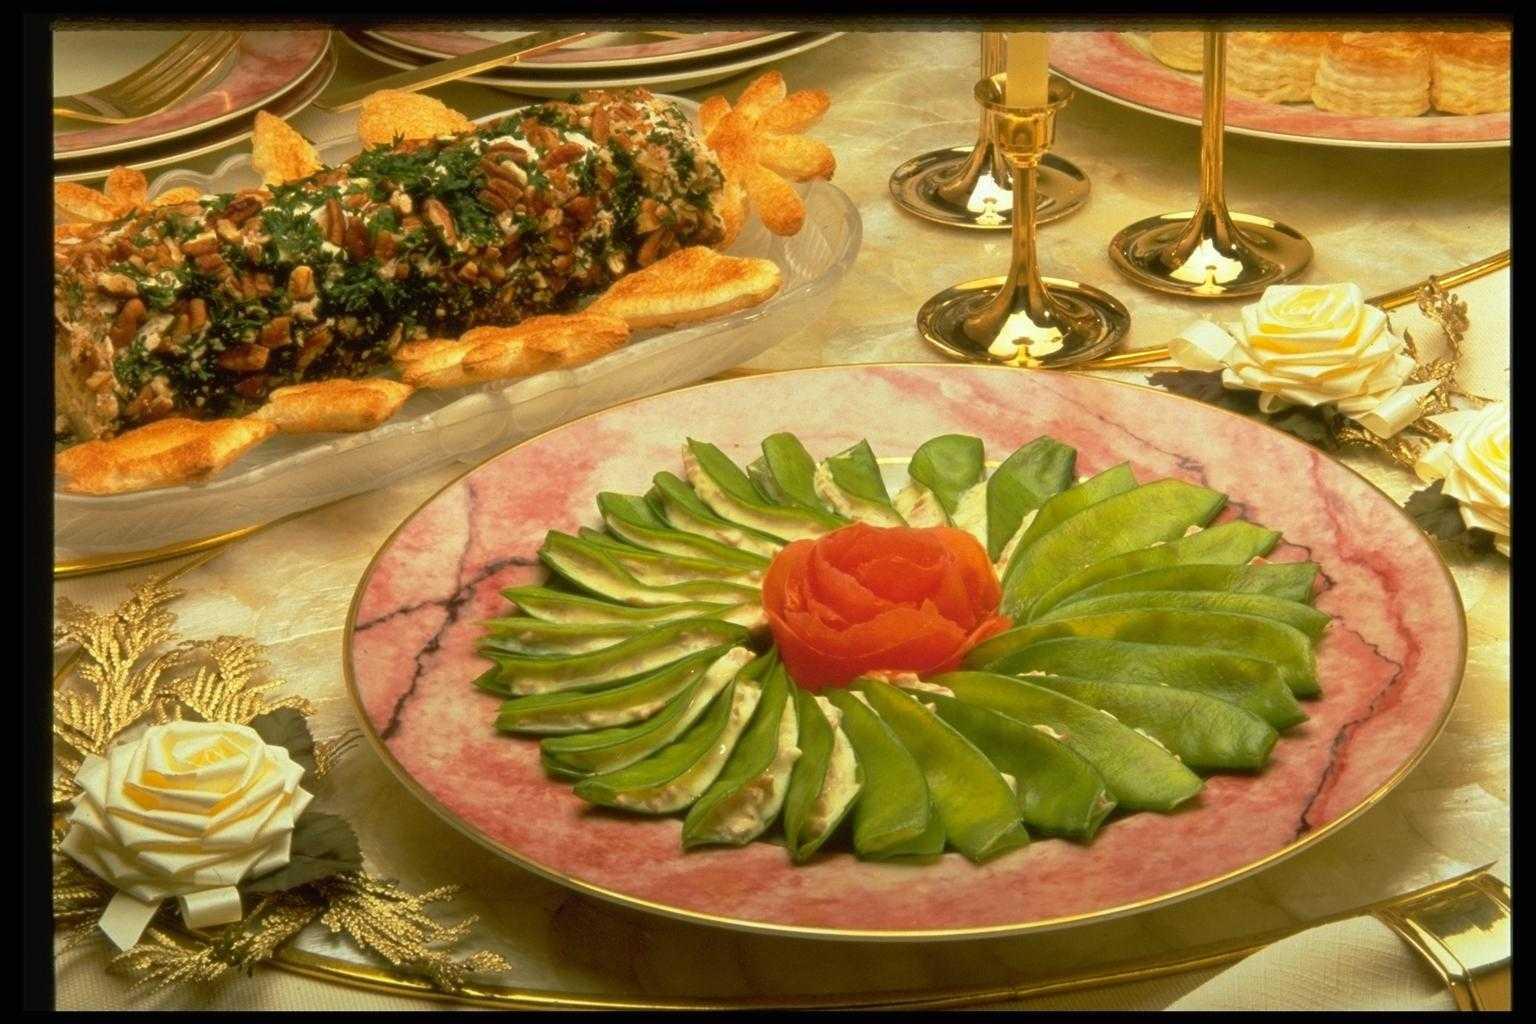 Рецепты для праздника и как украсить стол